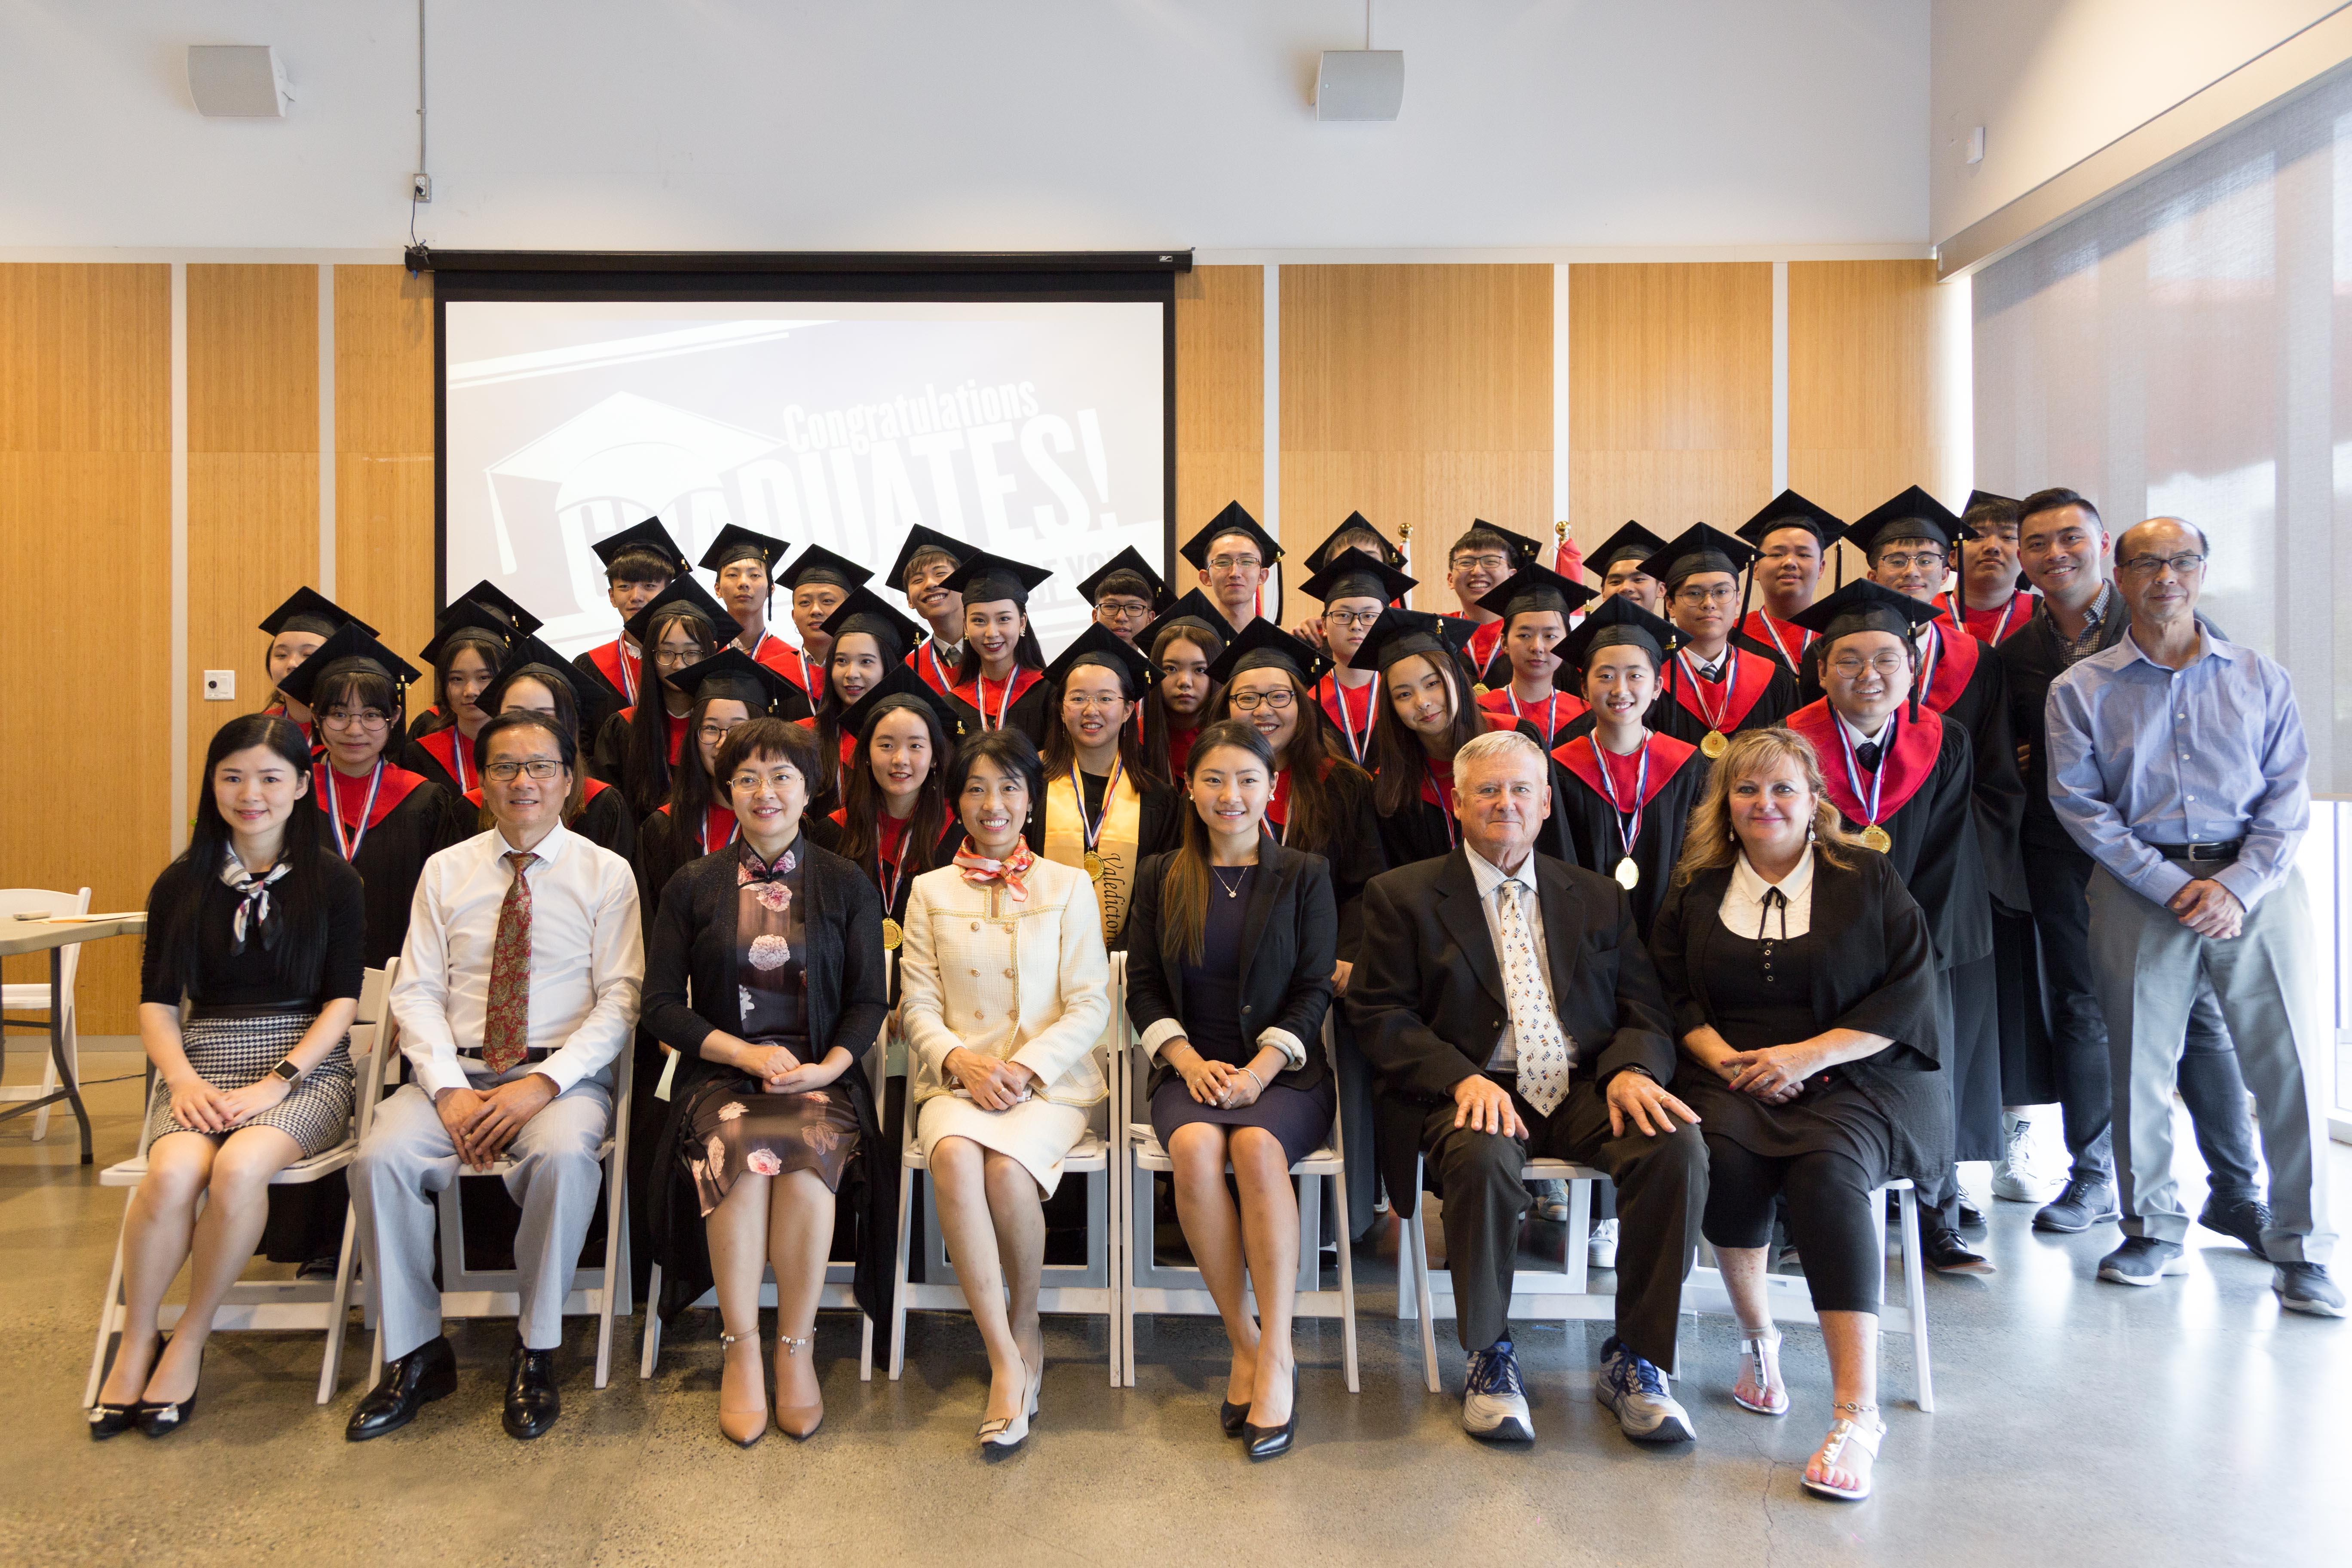 180618 Sino Bright School grad ceremony - 01